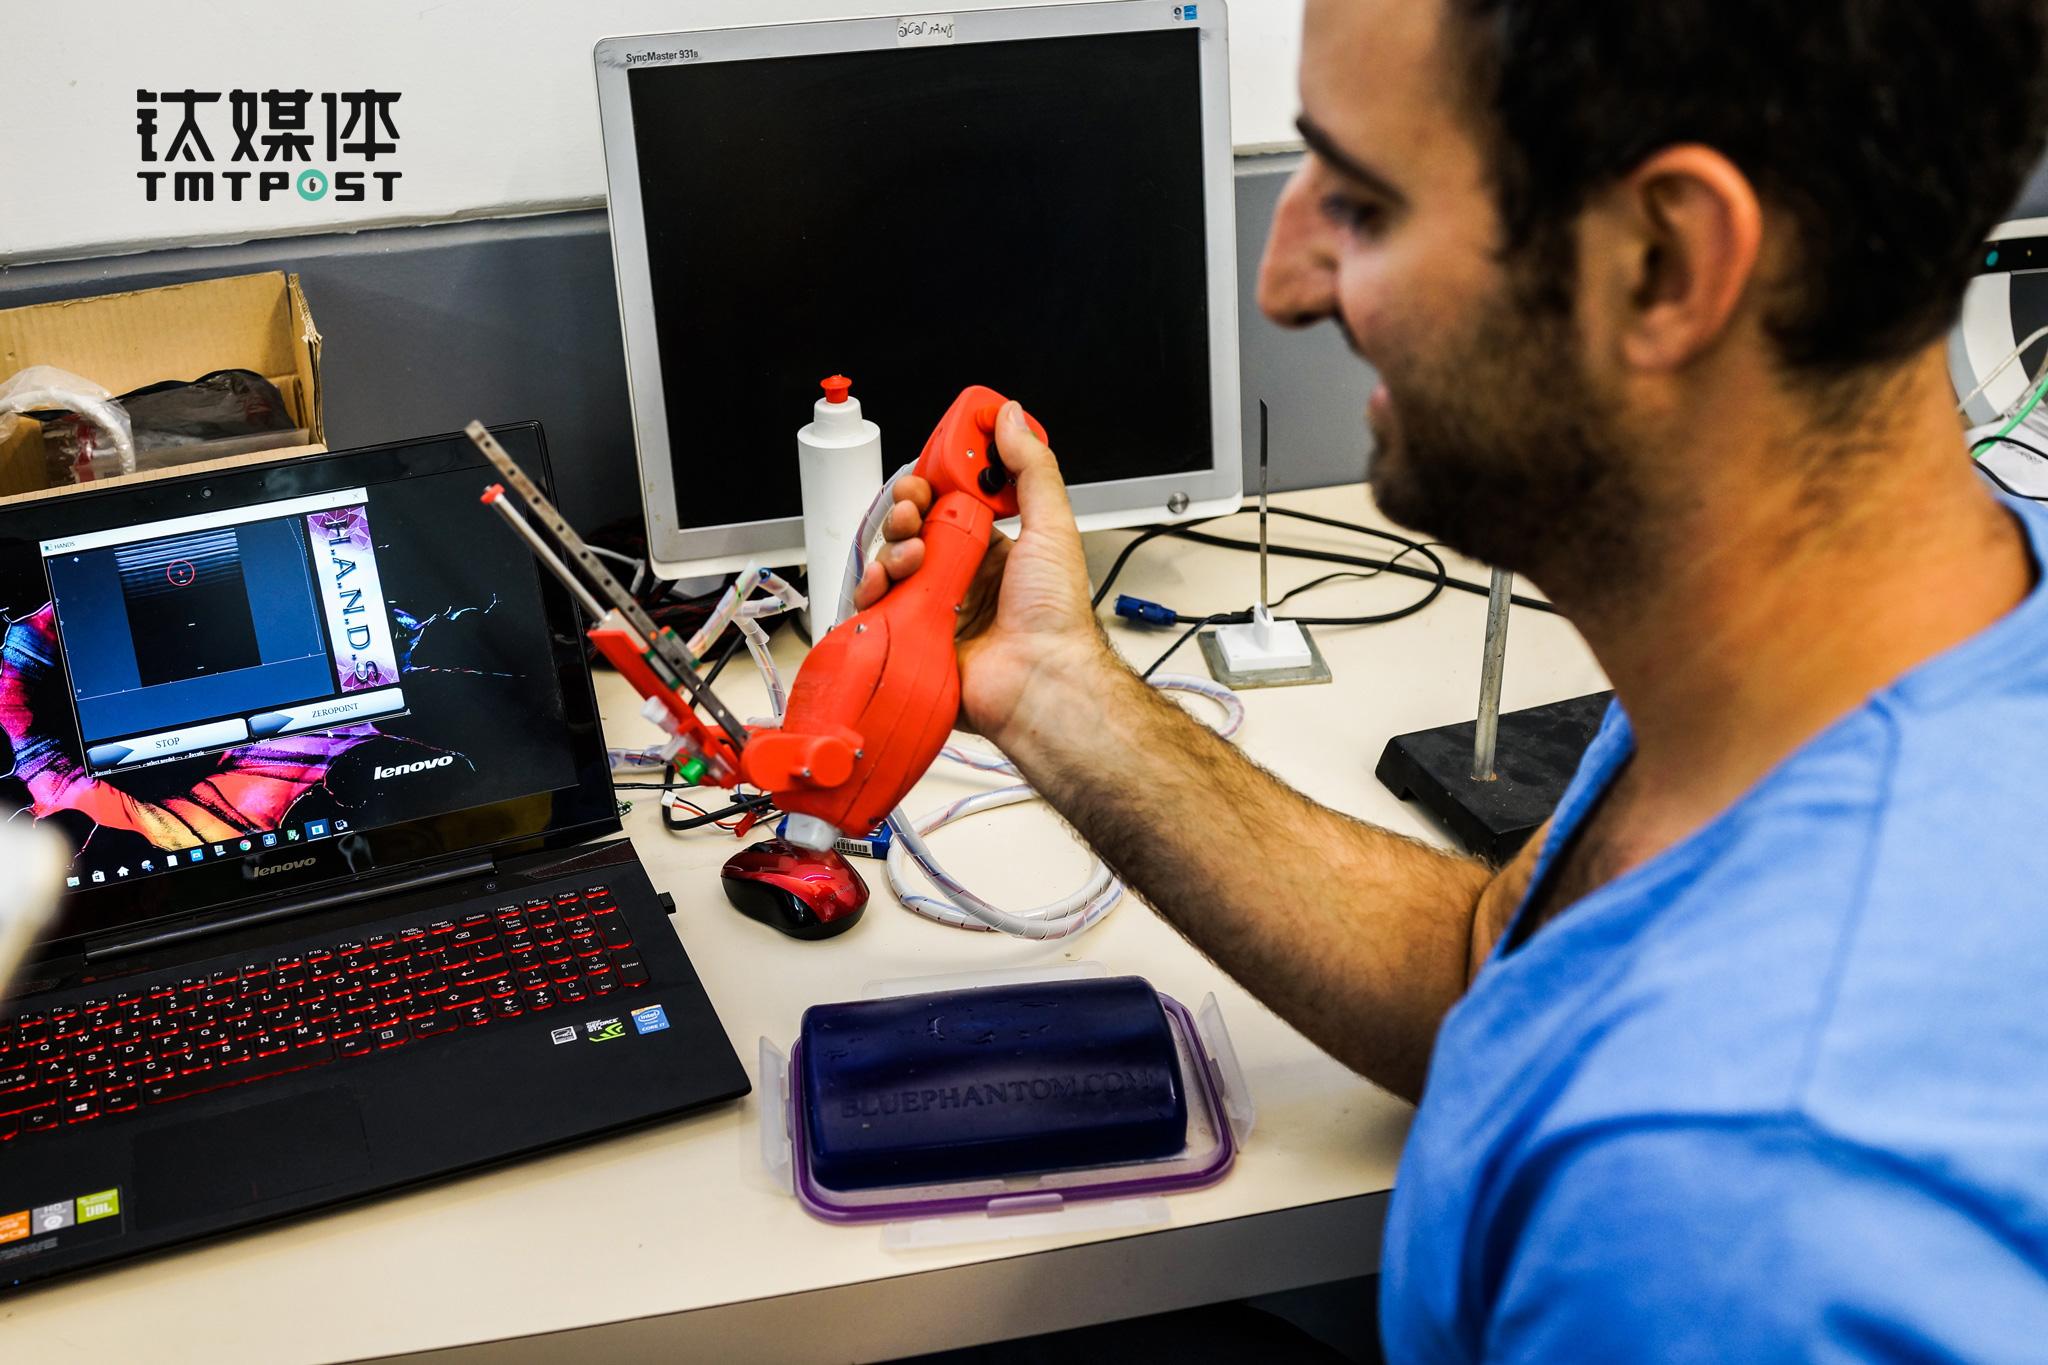 本古里安大学机器人实验室科研人员,展示静脉注射,精准医疗机器人成果。(图/朱玲玉)